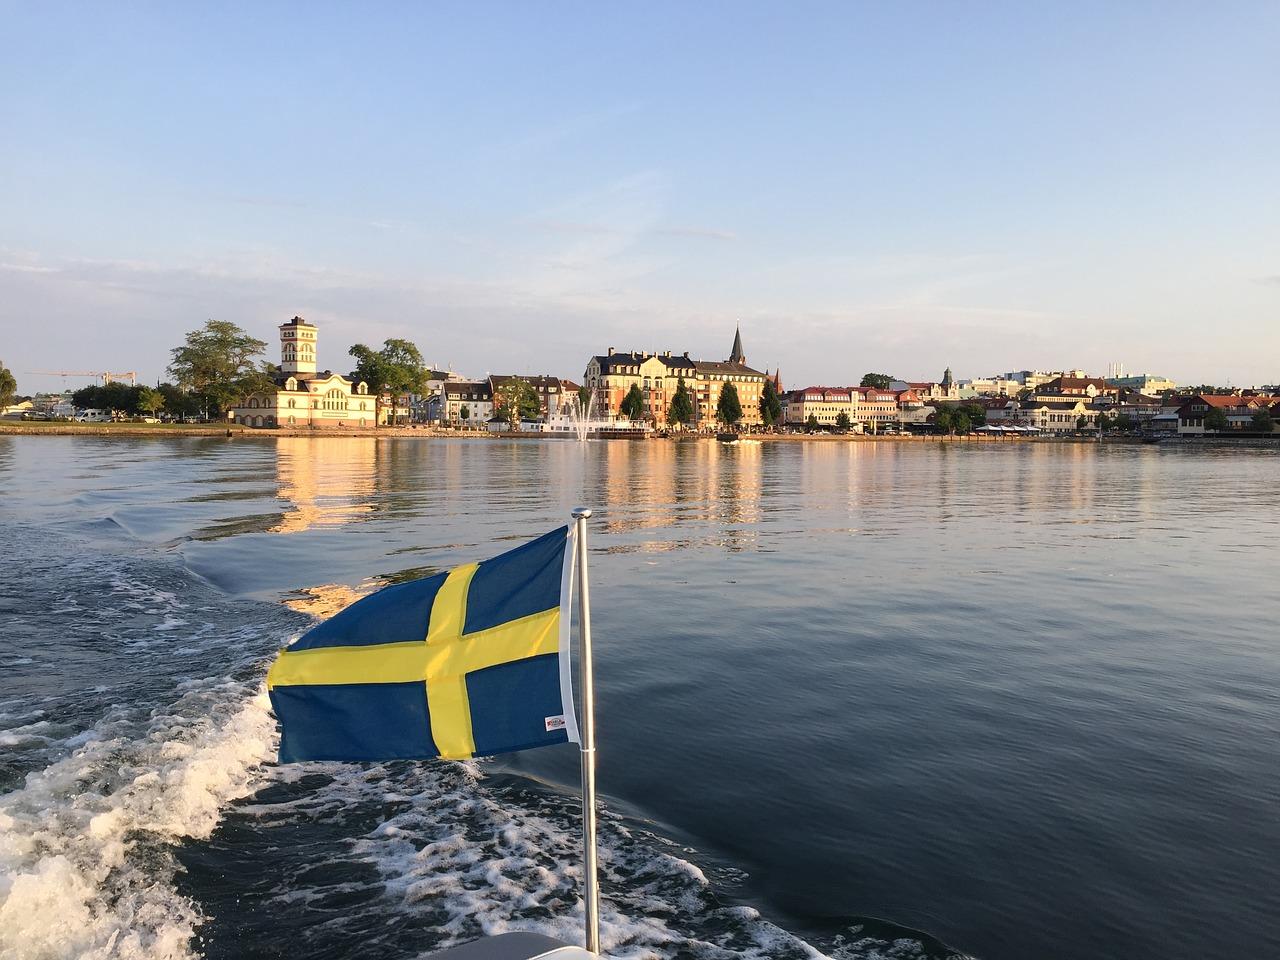 Przekład i język szwedzki – tłumaczenie szwedzkich dokumentów samochodowych. Tłumacz przysięgły języka szwedzkiego